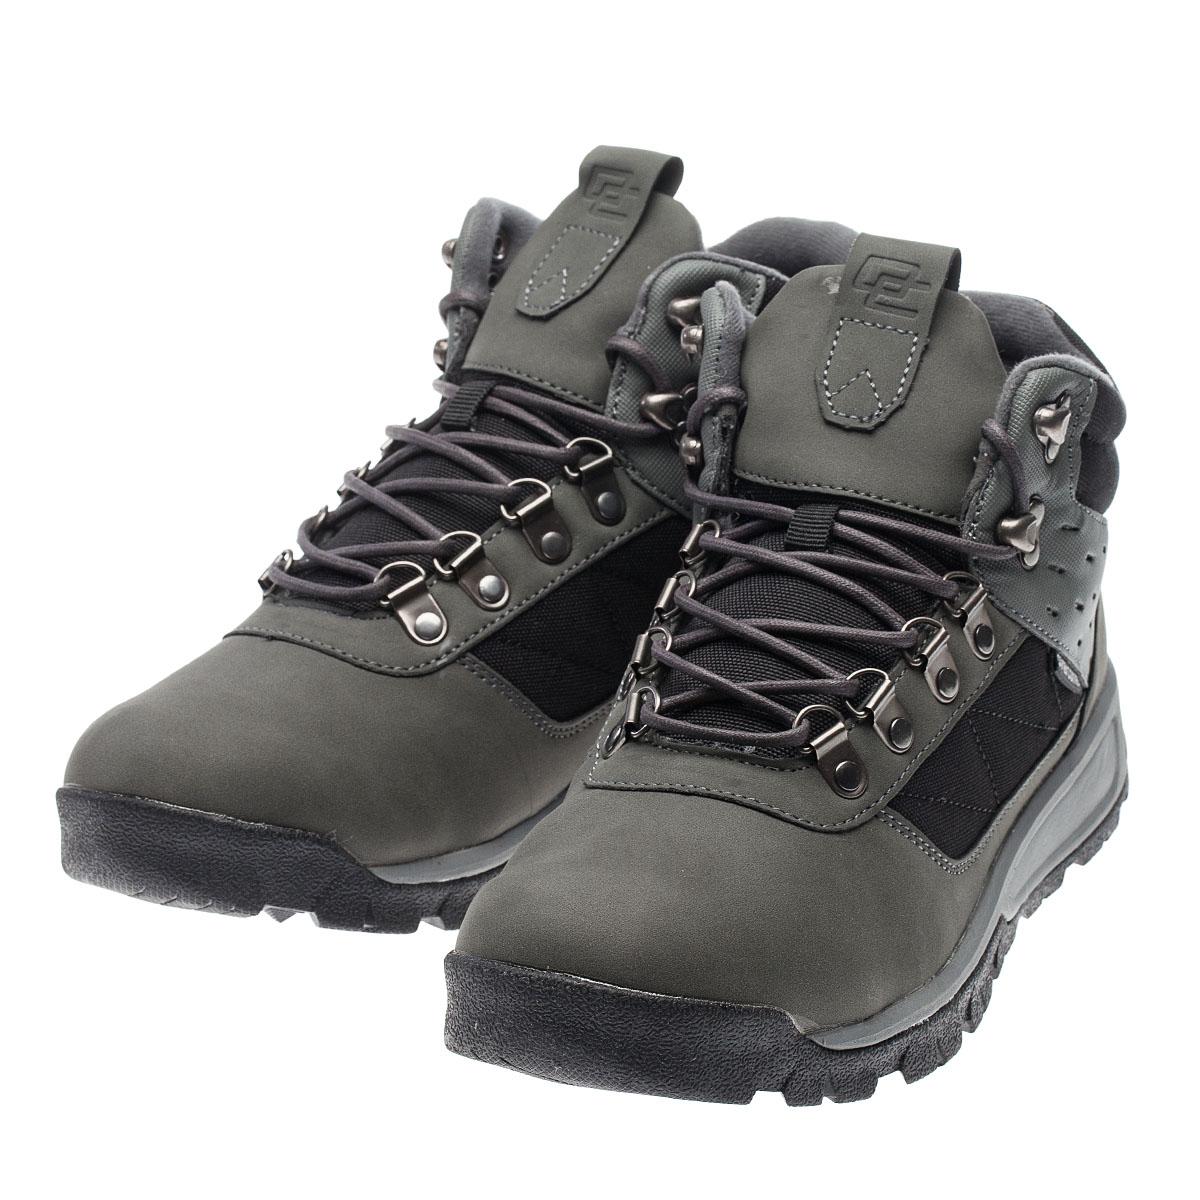 Ботинки зимние Overcome, HSM 17082 кроссовки зимние overcome hsl17020 2